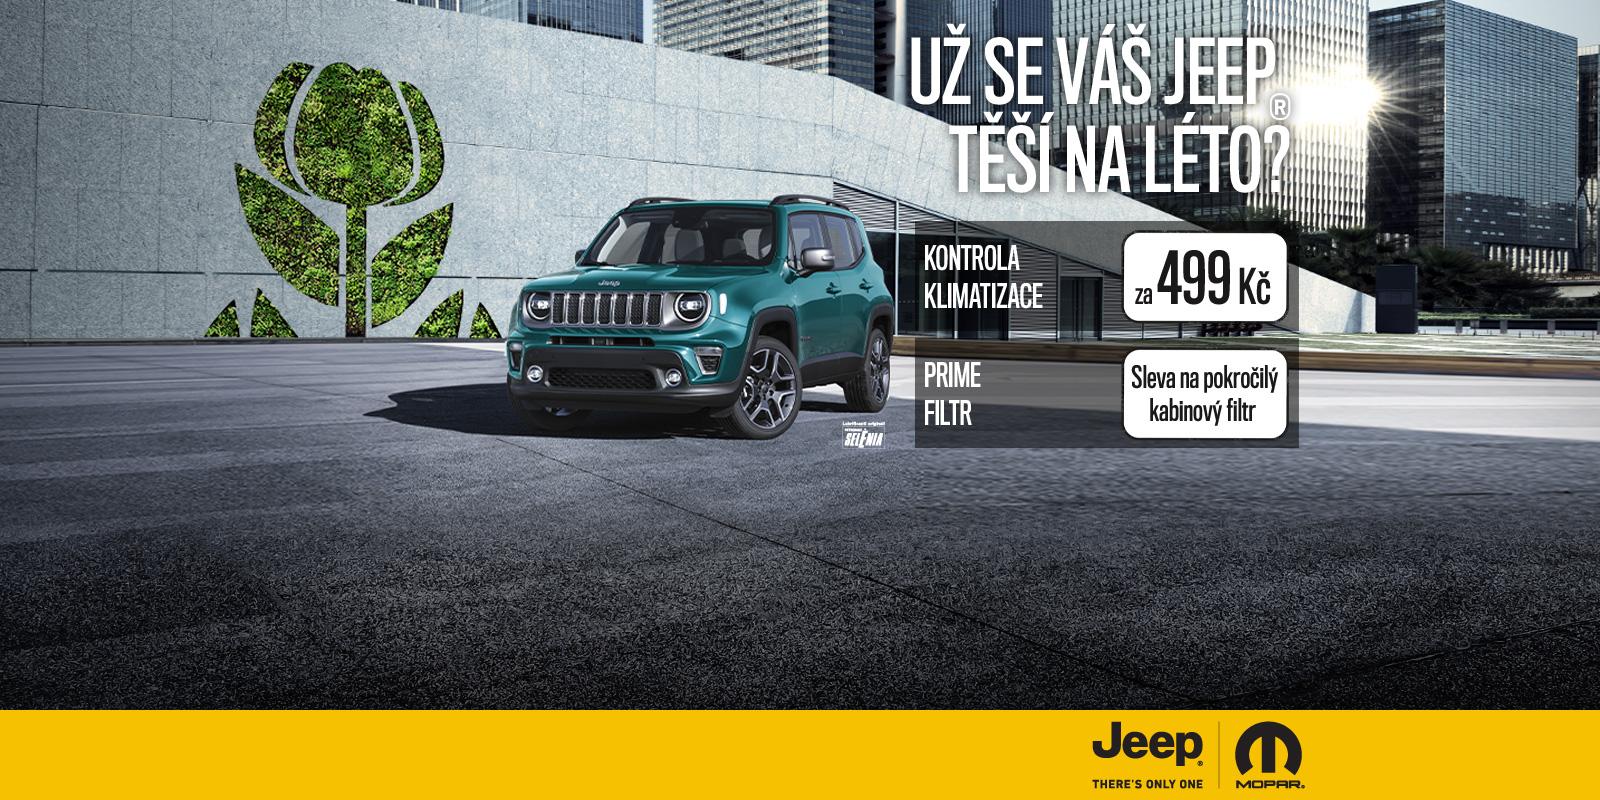 Jeep letní kampaň